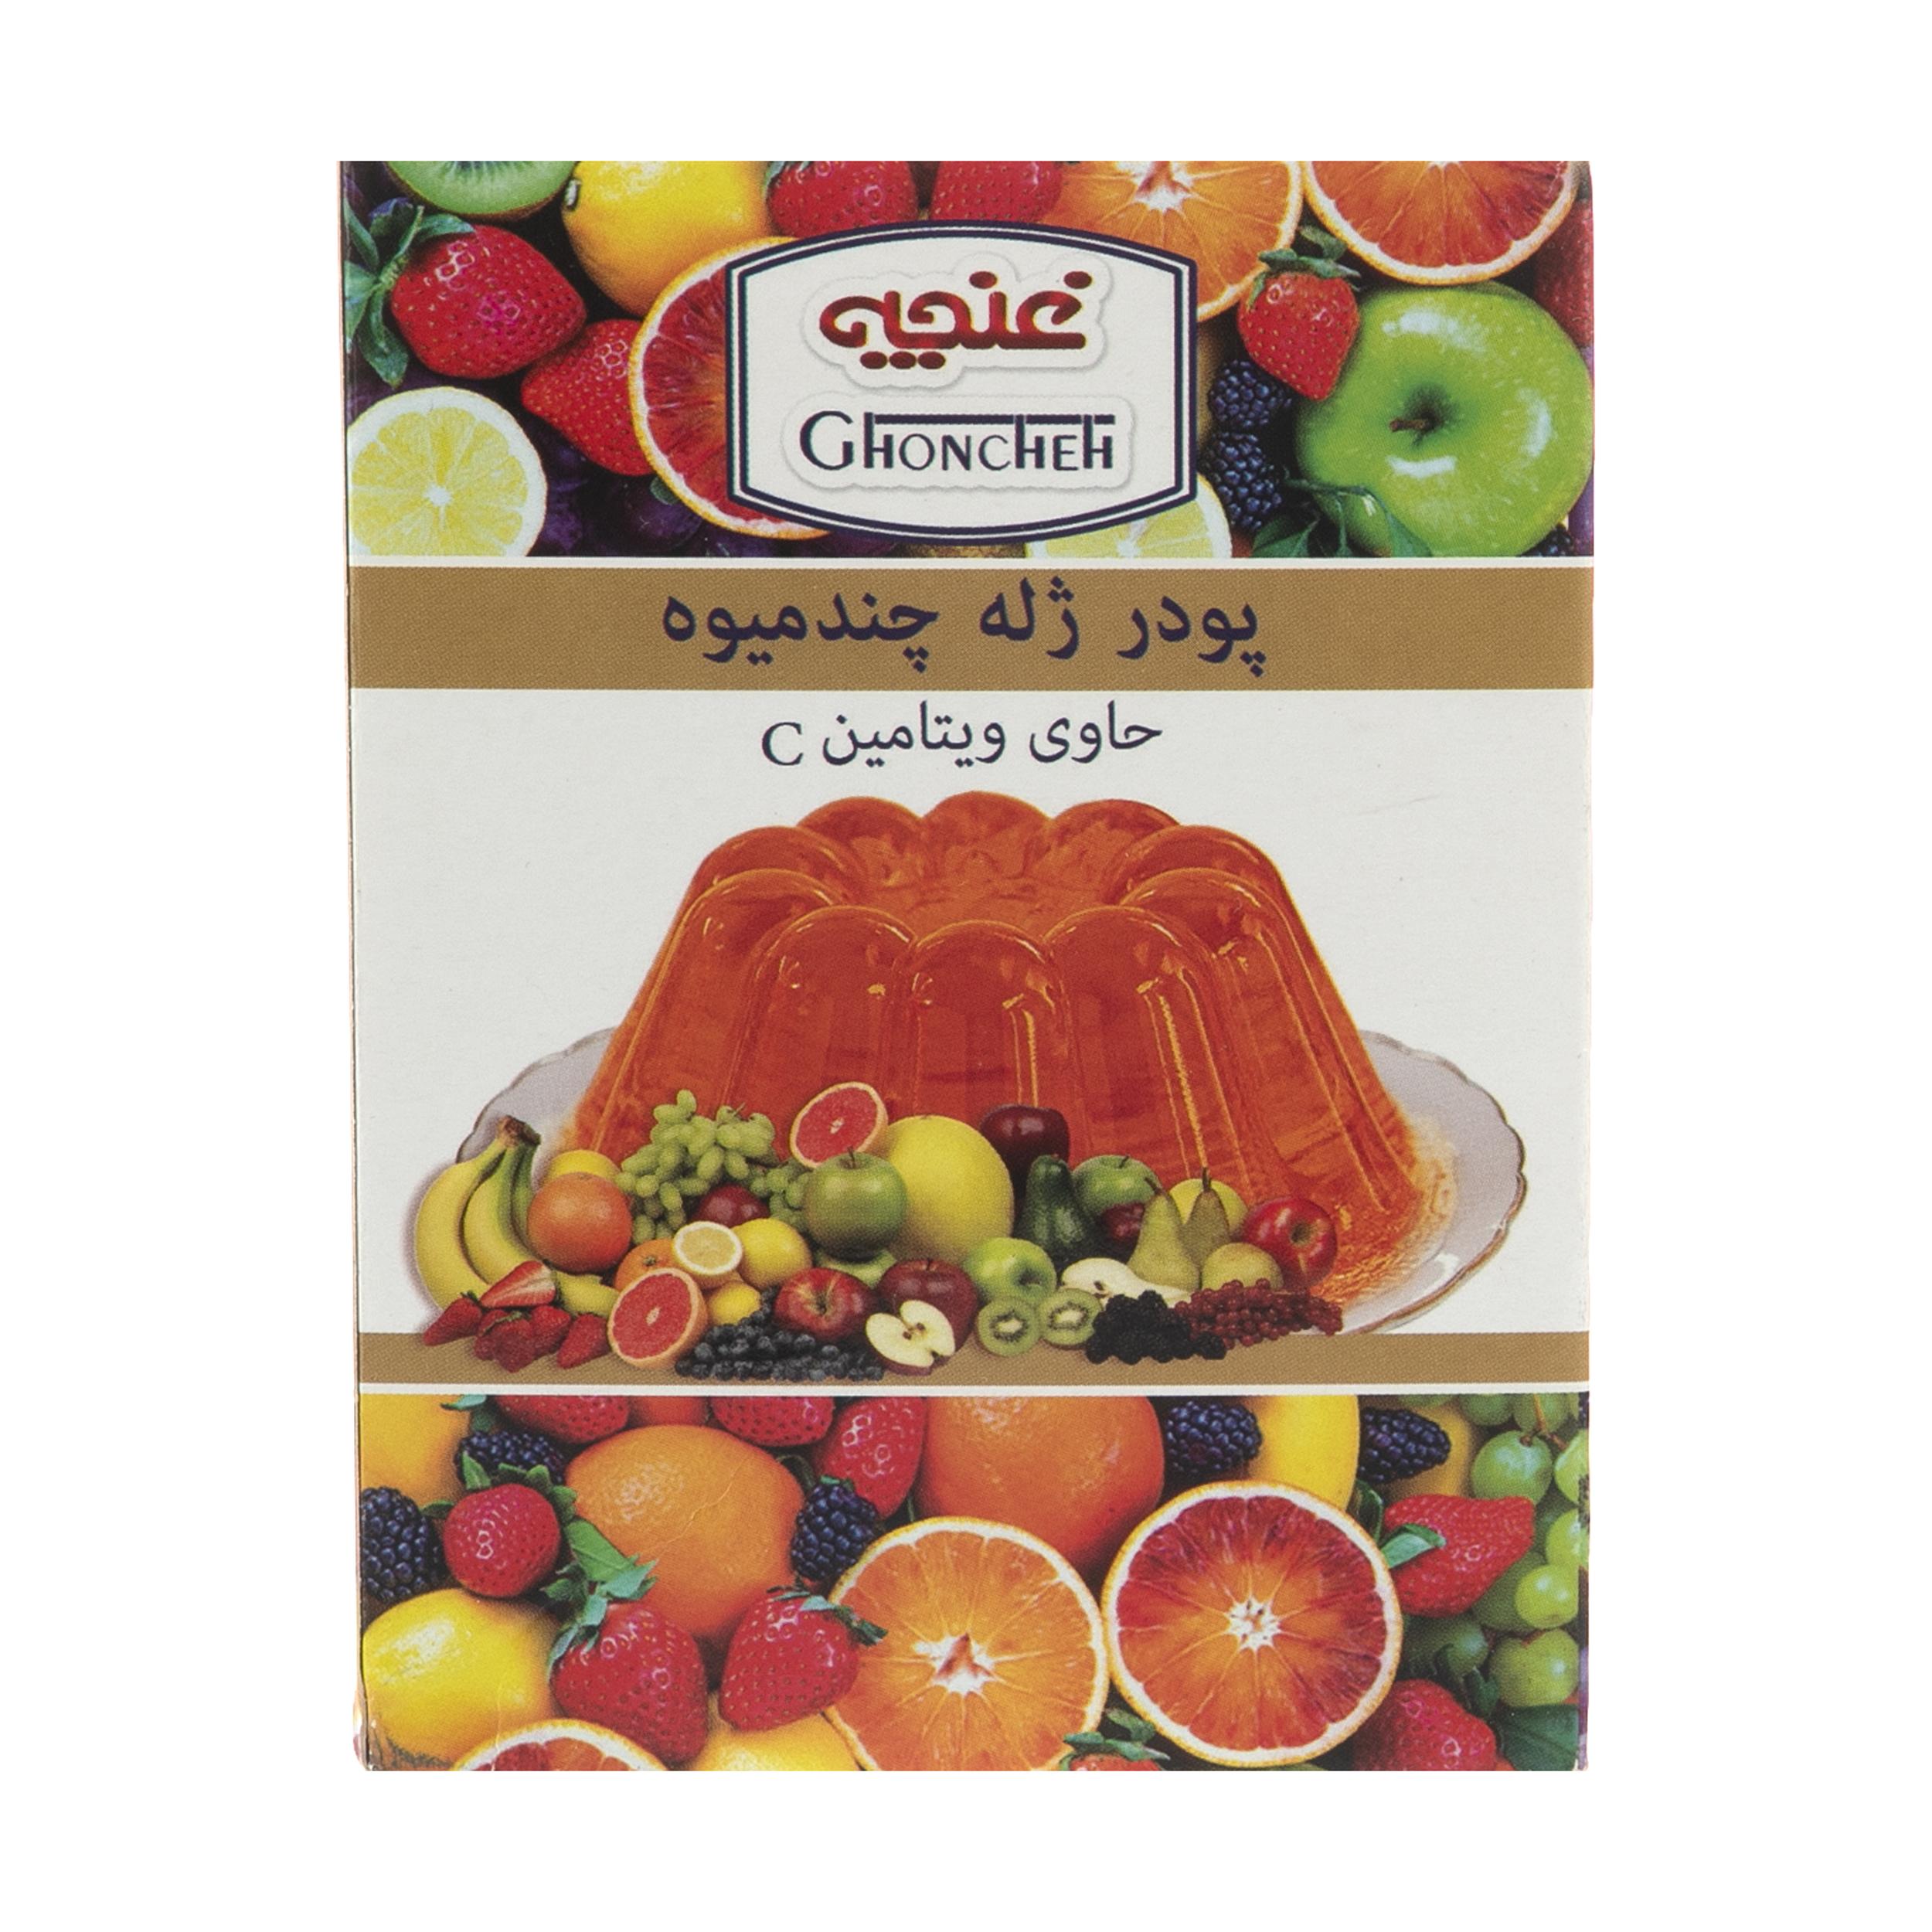 خرید                      پودر ژله غنچه با طعم چند میوه - 100 گرم